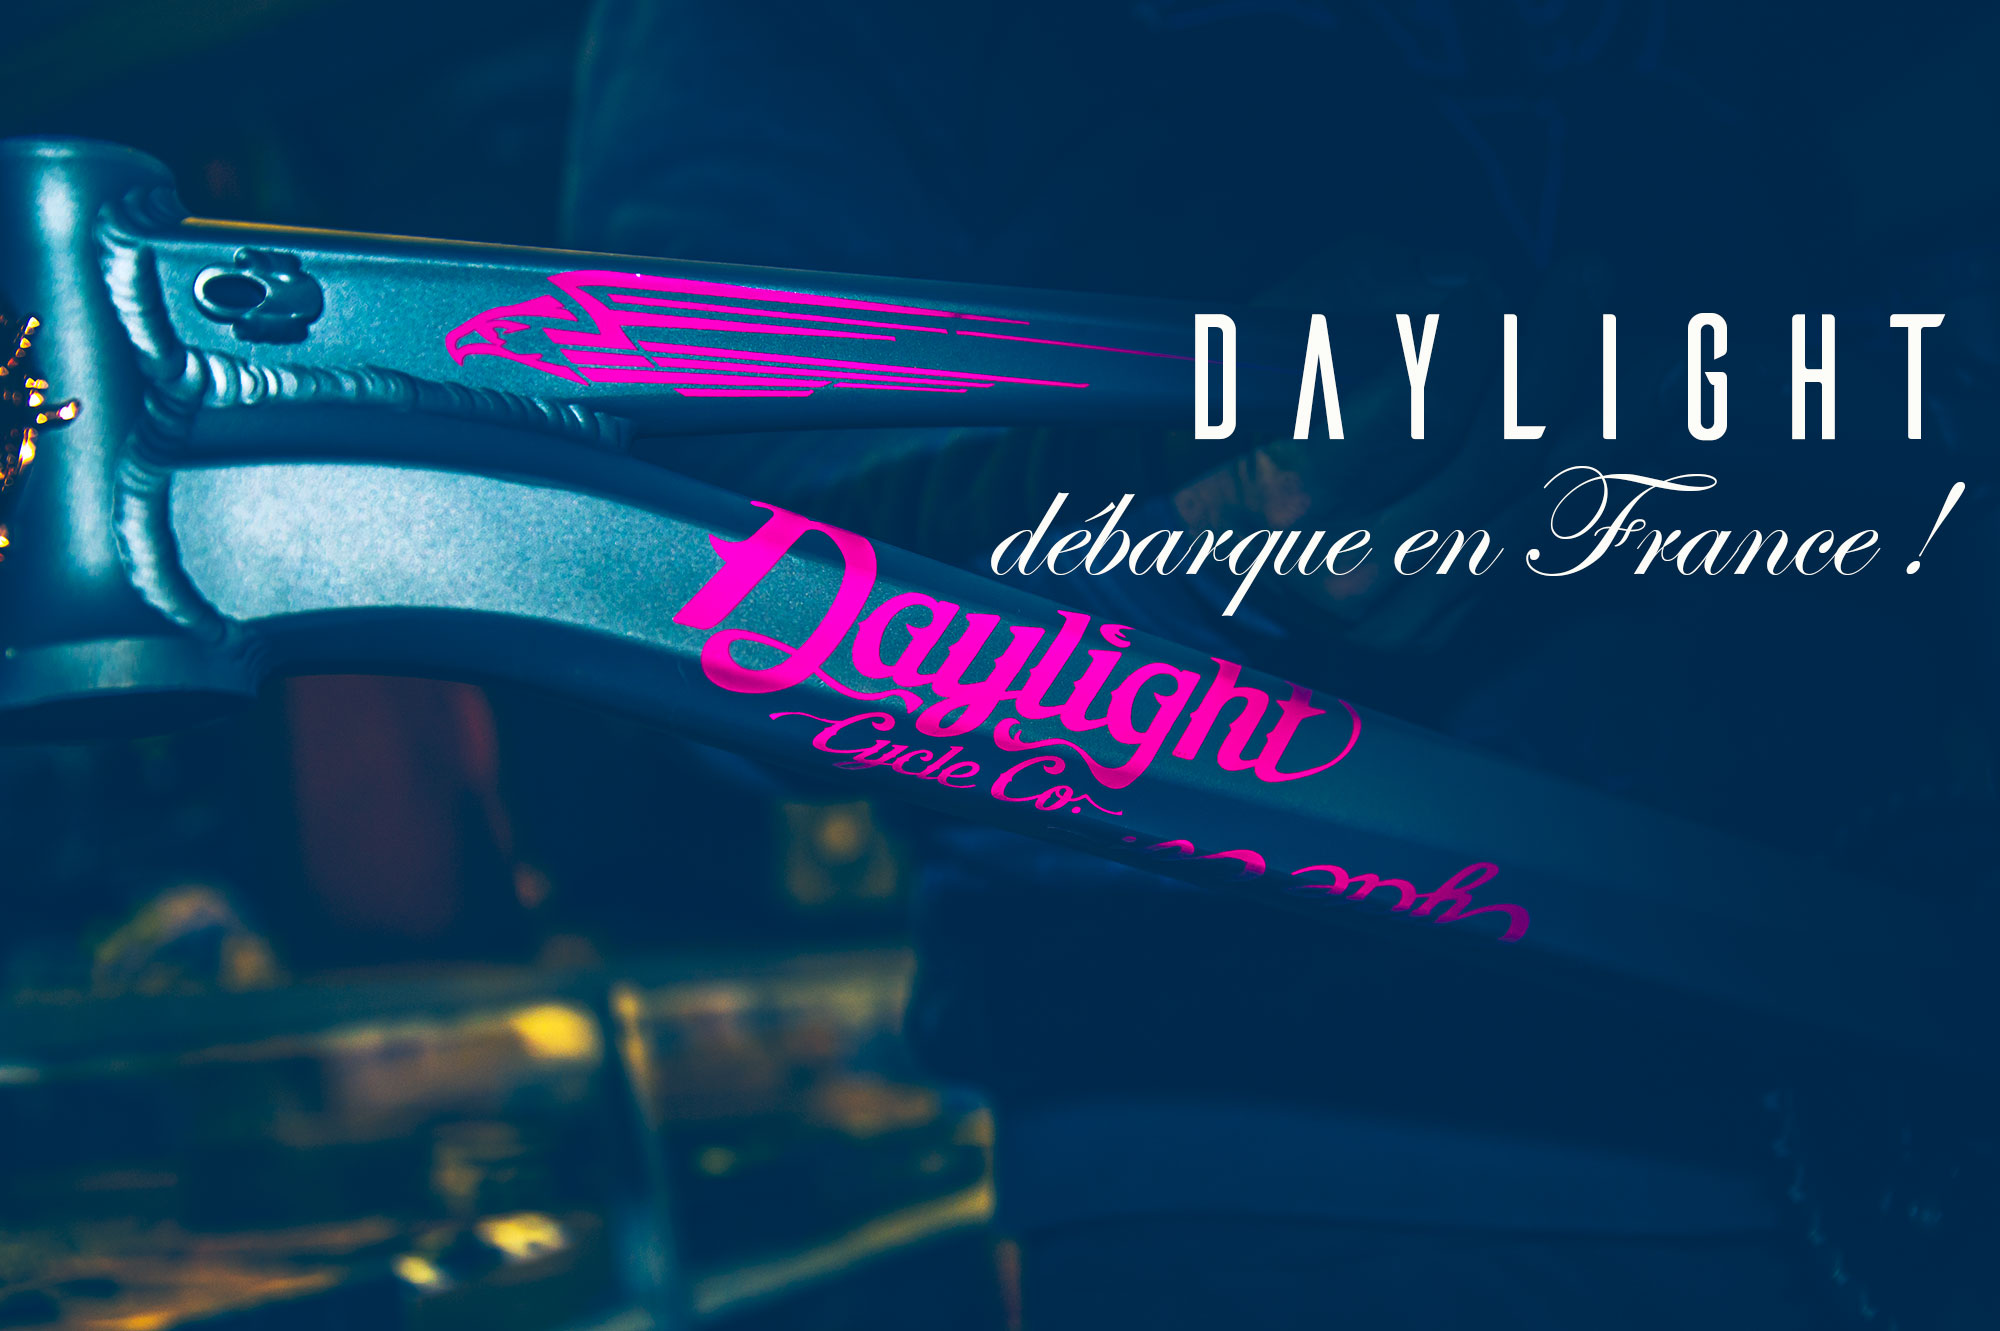 Exclu ! La marque DAYLIGHT débarque en France